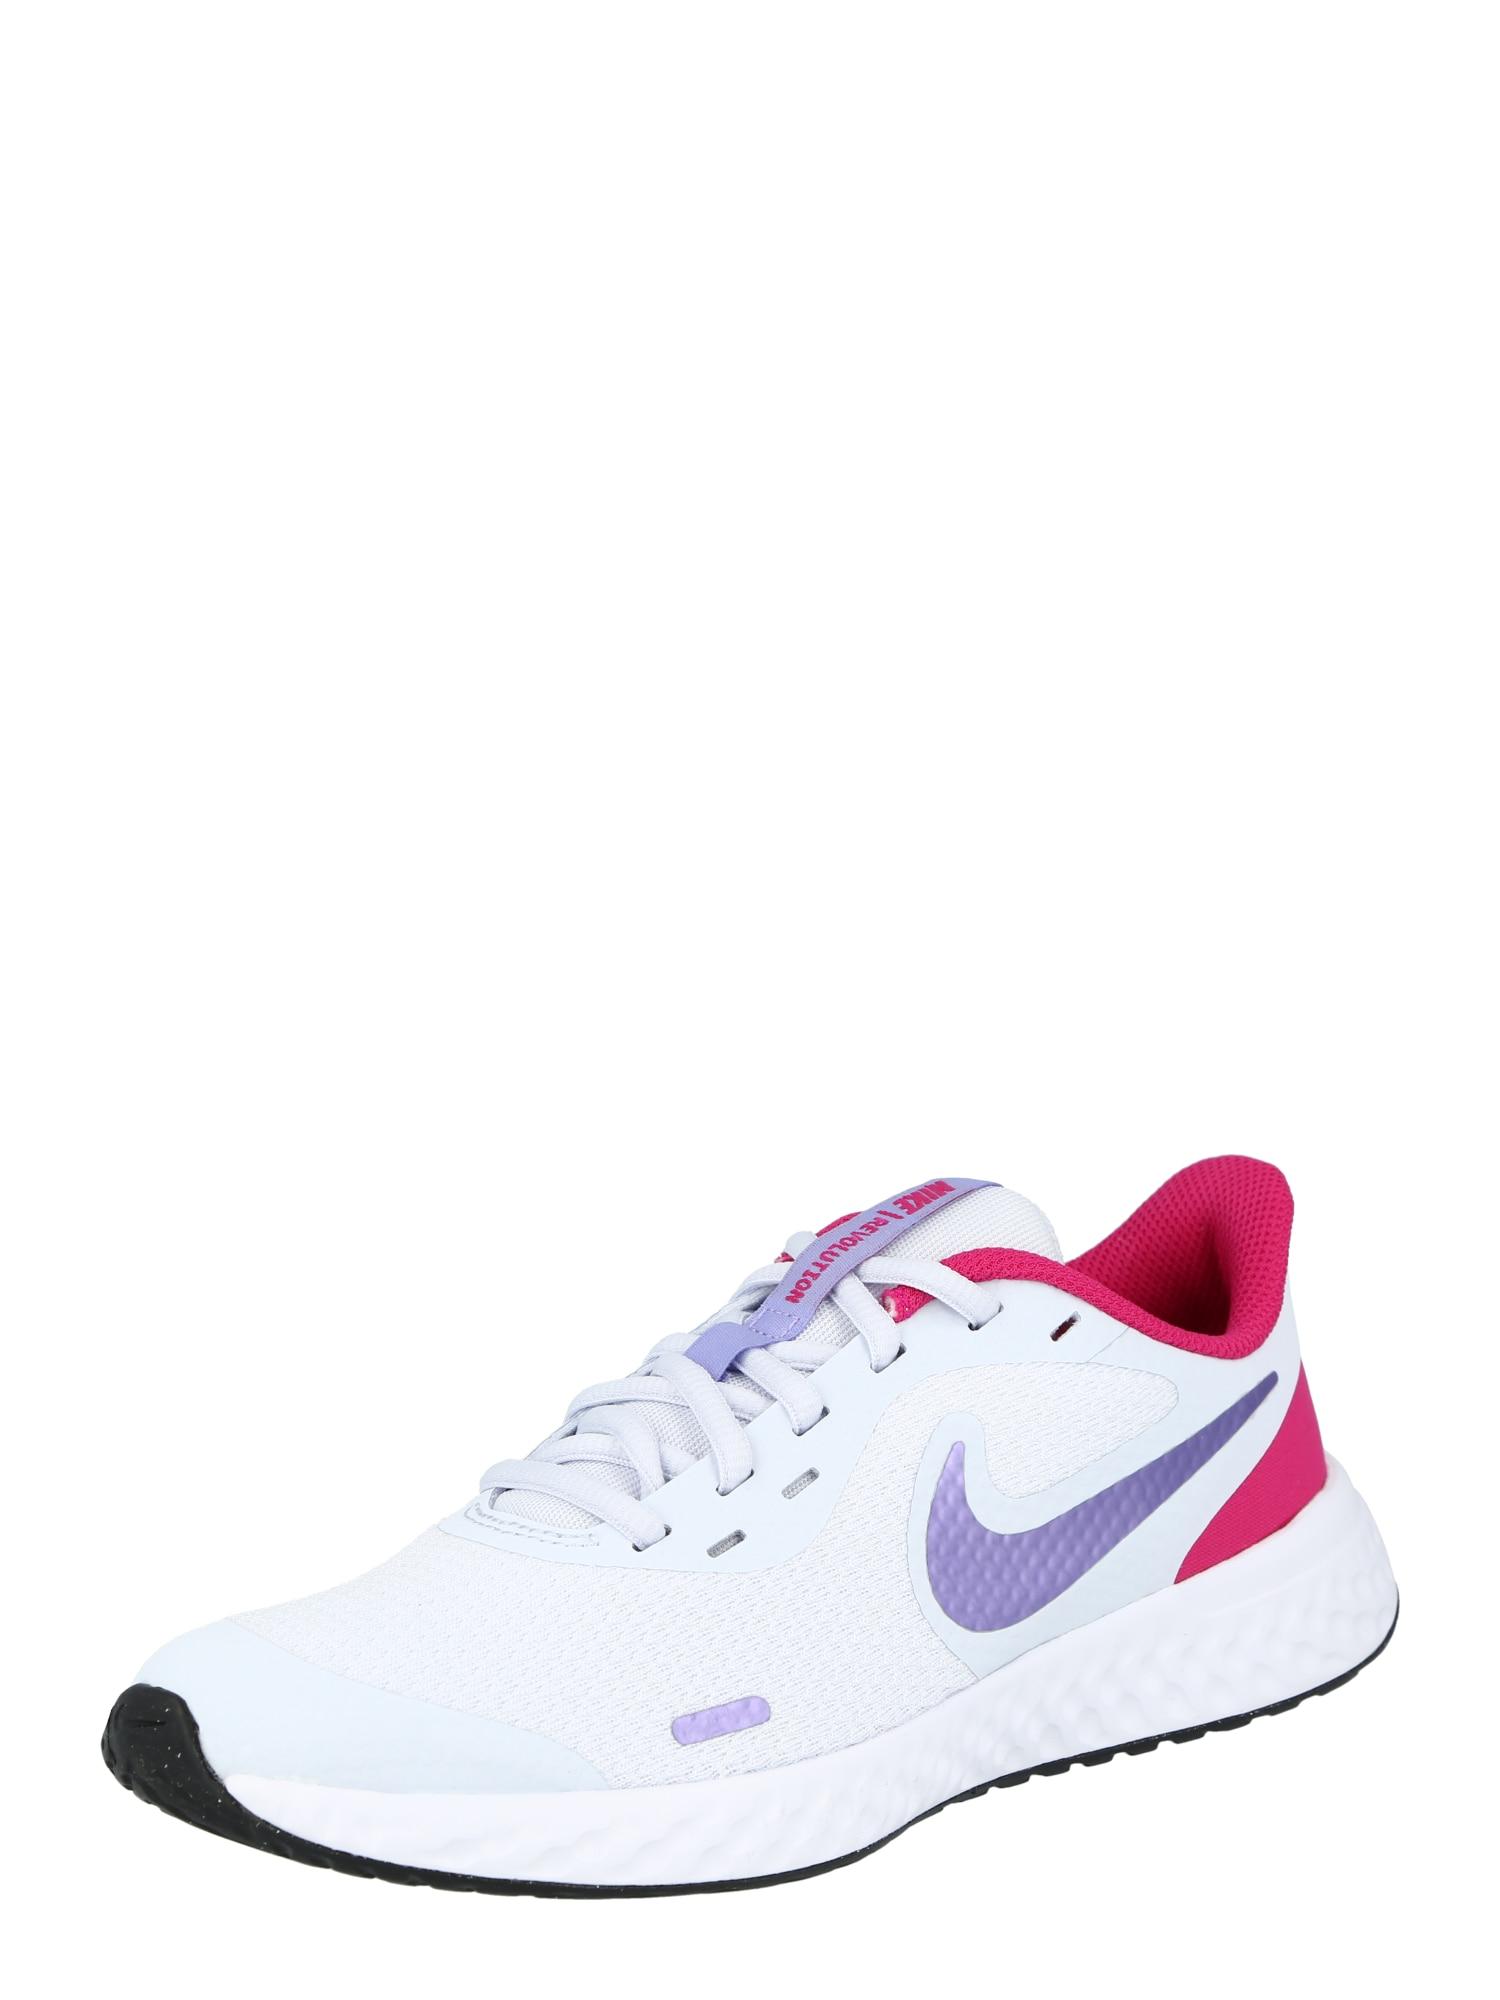 NIKE Sportiniai batai 'Revolution 5' pilka / rožinė / balta / tamsiai violetinė